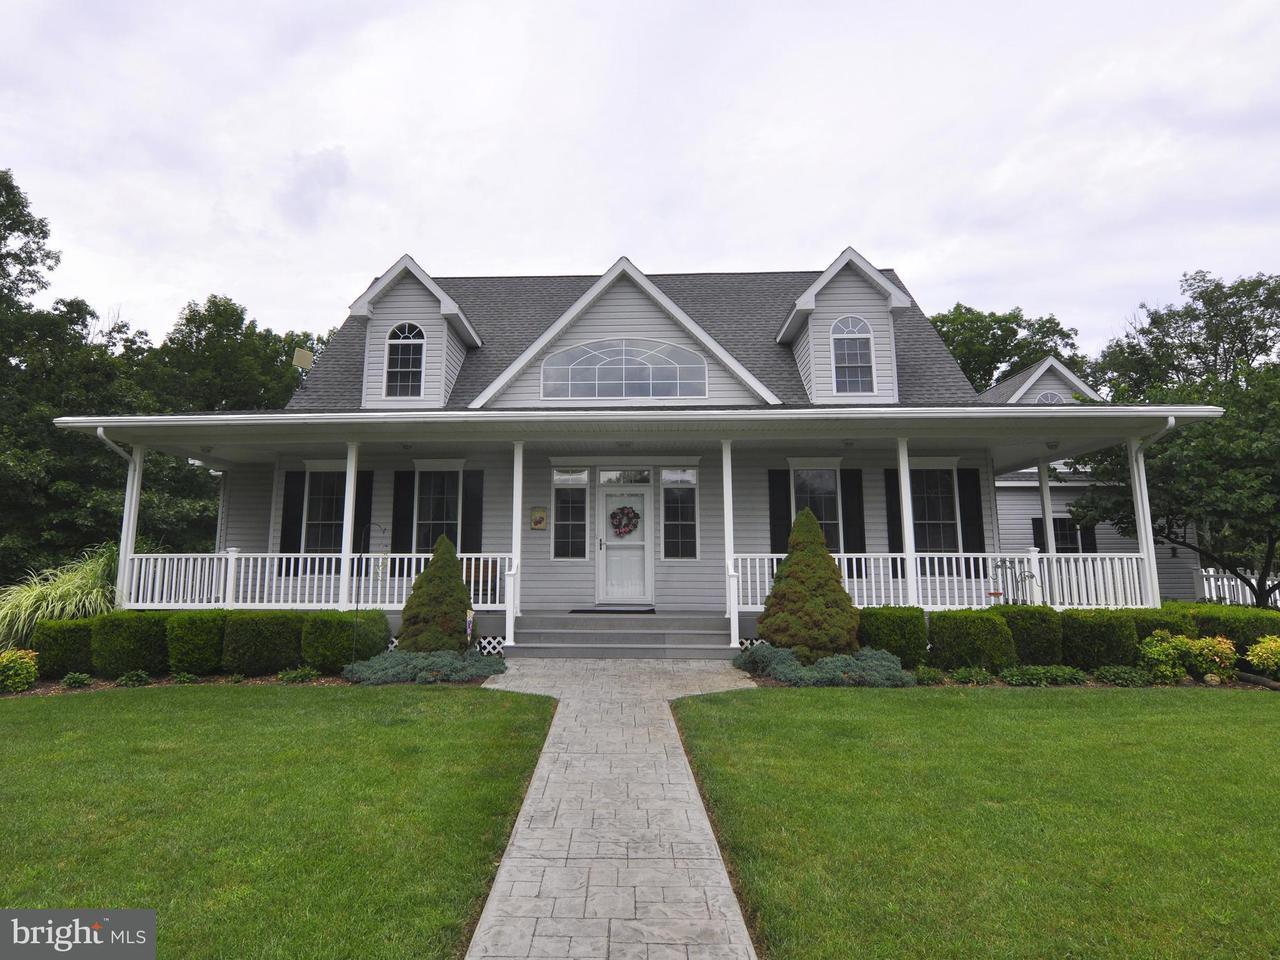 Casa Unifamiliar por un Venta en 240 Donegal Lane 240 Donegal Lane Berkeley Springs, West Virginia 25411 Estados Unidos